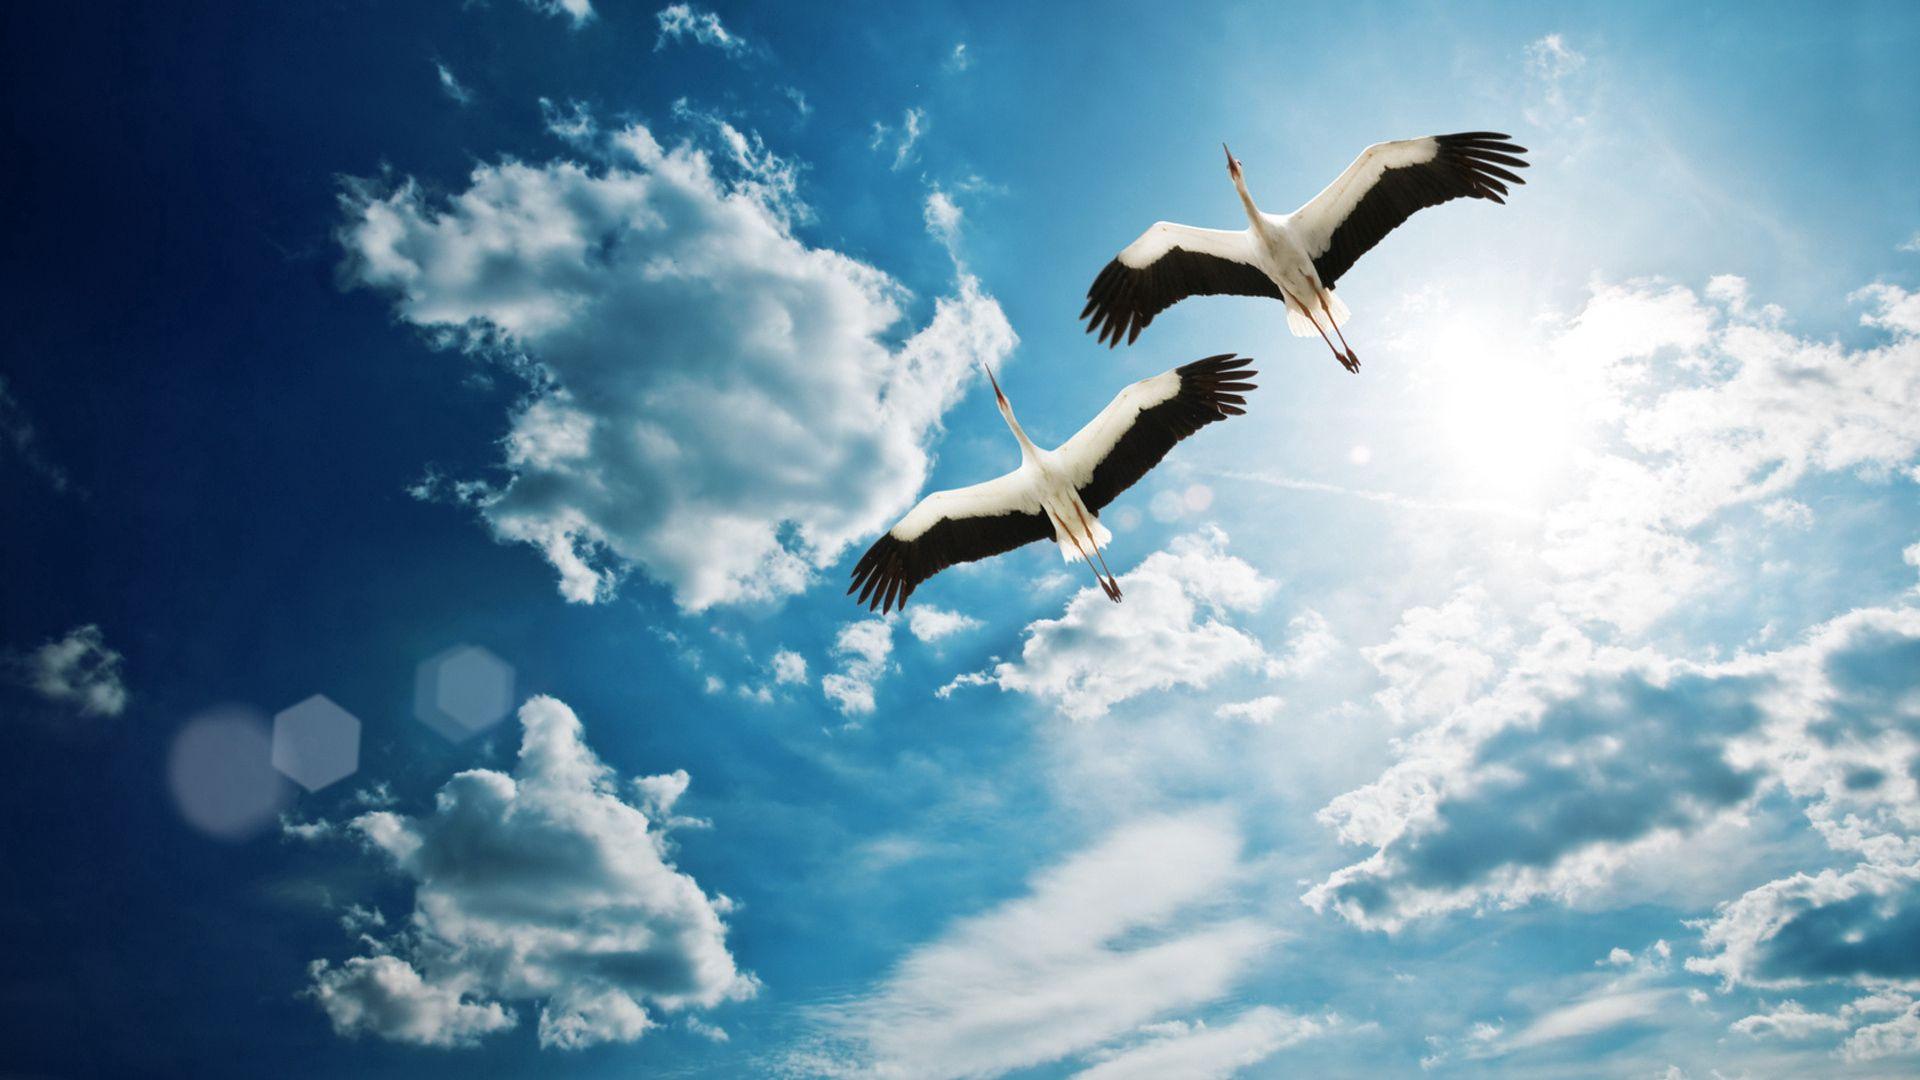 141005 Hintergrundbild herunterladen Tiere, Vögel, Sky, Cranes, Flug - Bildschirmschoner und Bilder kostenlos